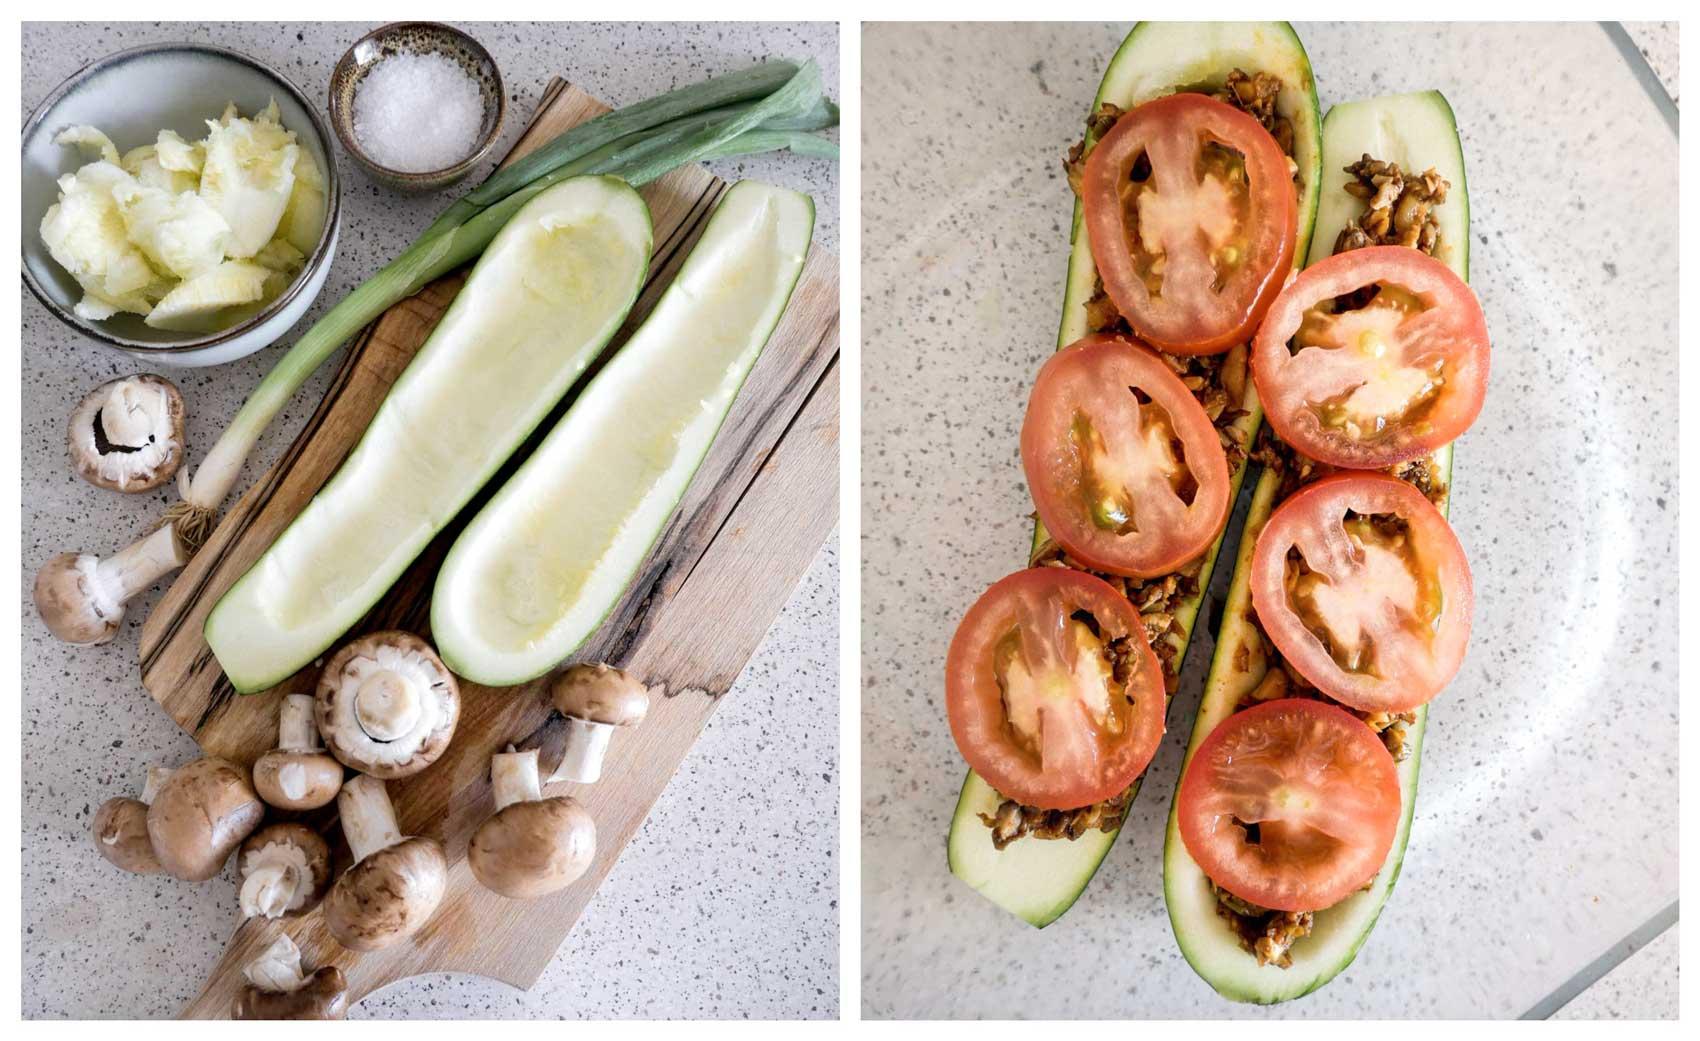 squash med fyld af grøntsager